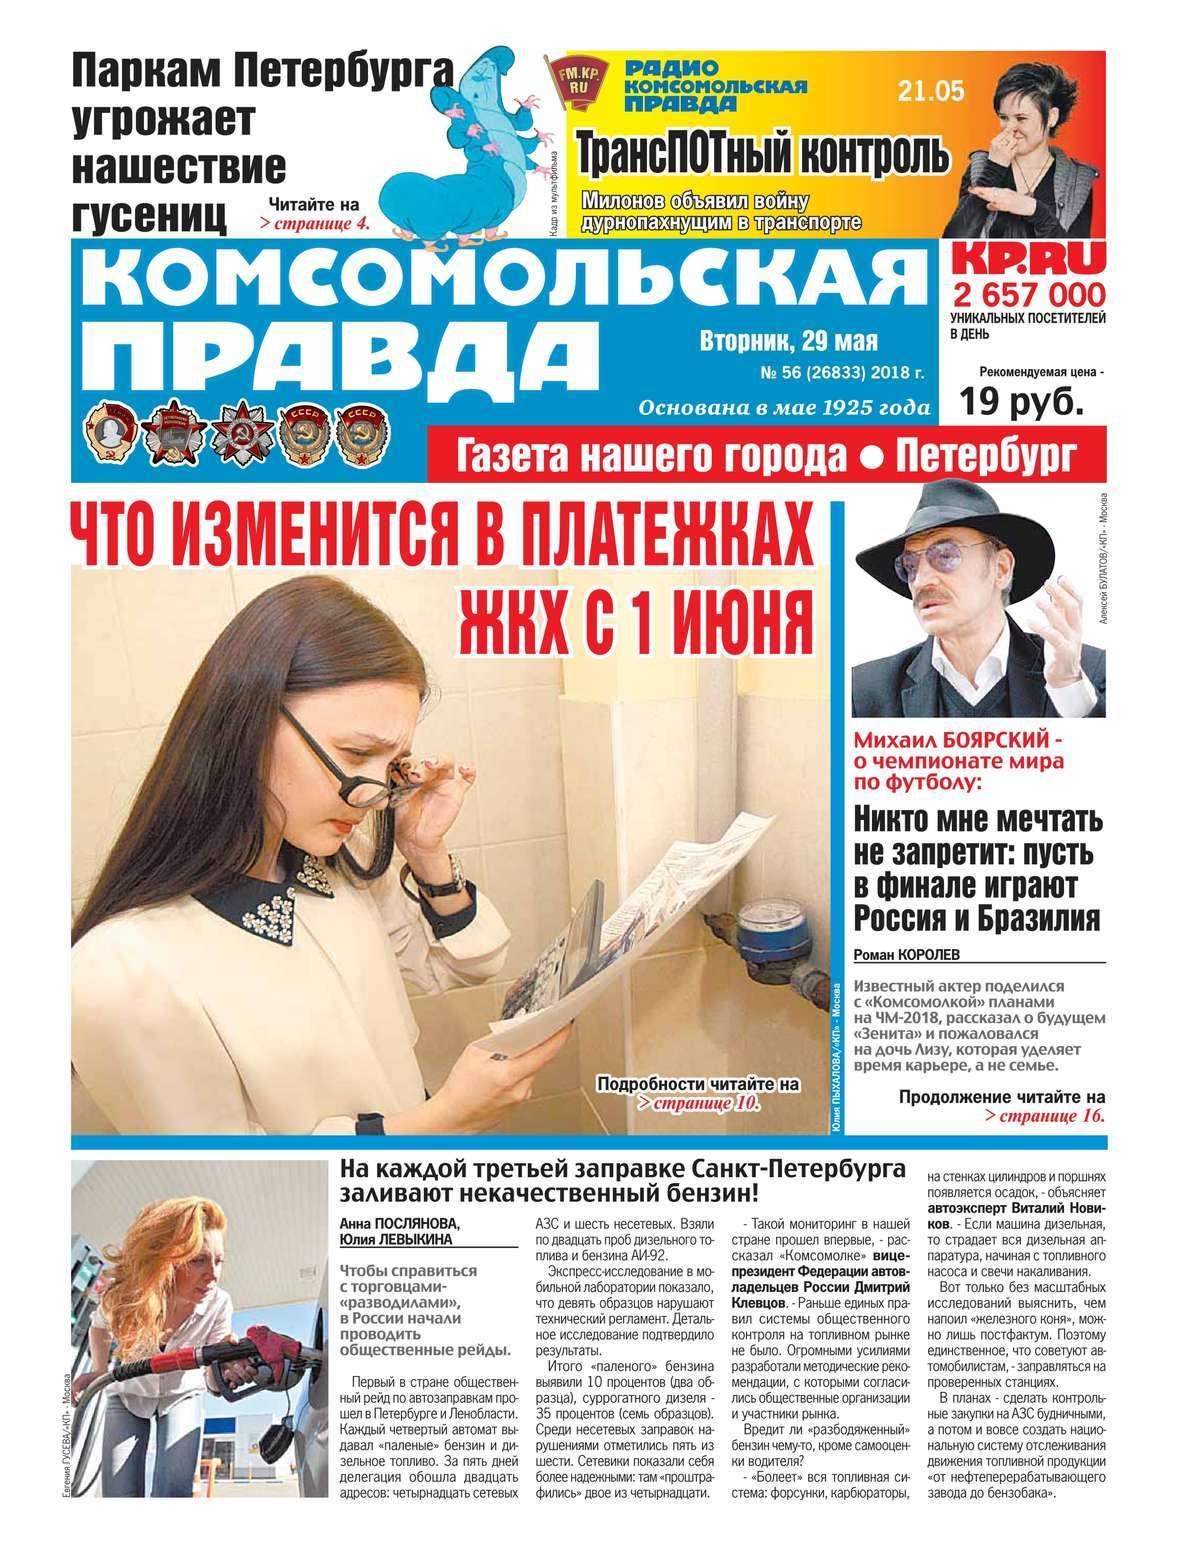 Редакция газеты Комсомольская правда. Санкт-Петербург Комсомольская Правда. Санкт-Петербург 56-2018